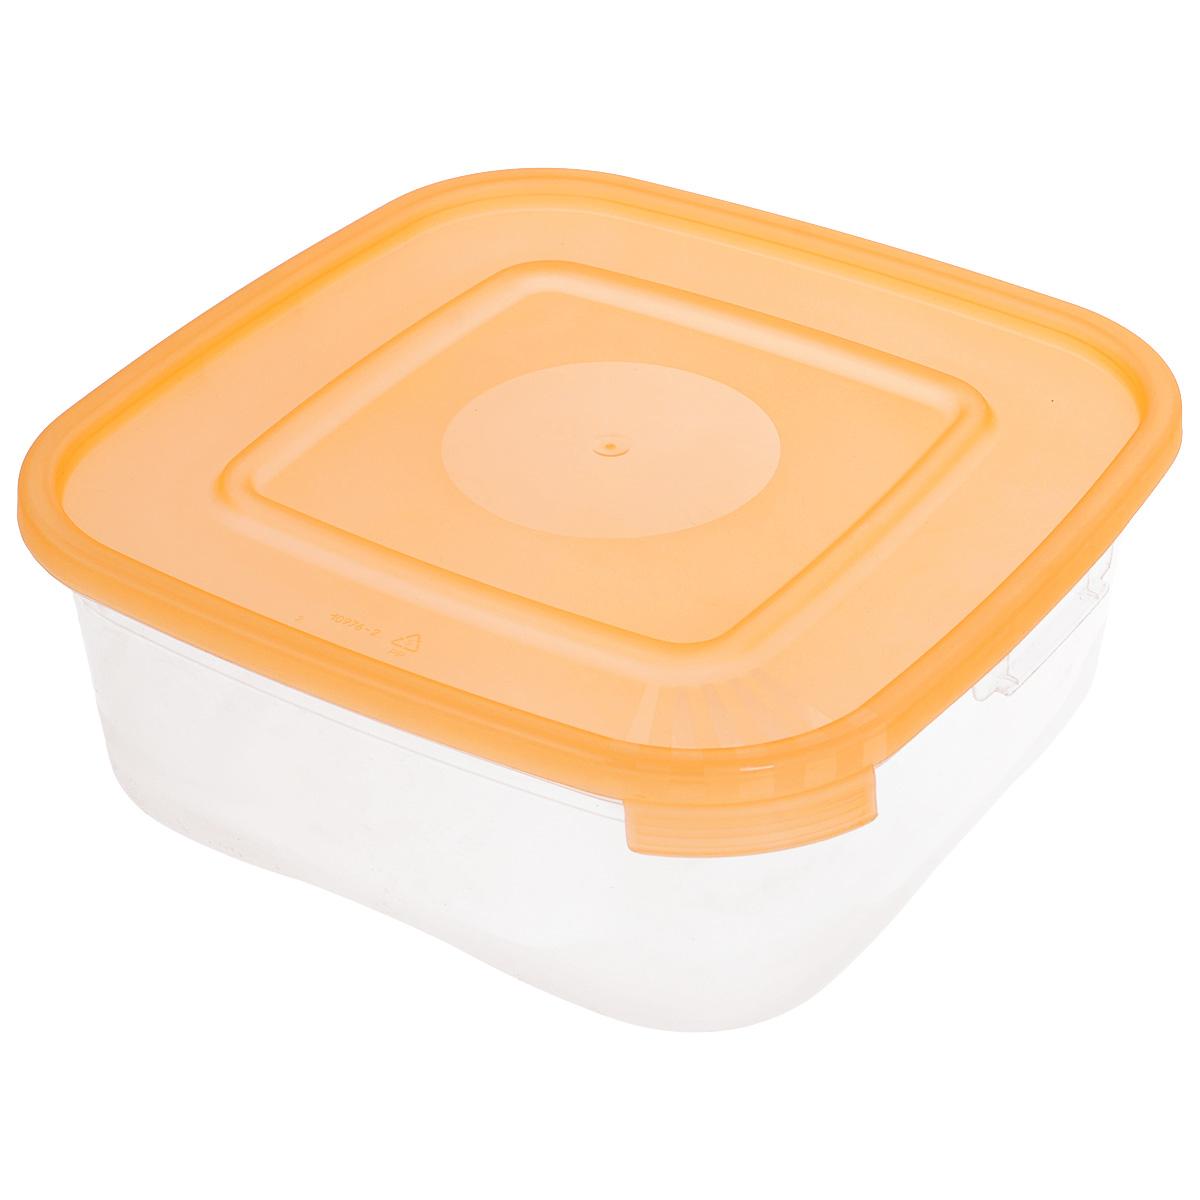 """Контейнер Полимербыт """"Каскад"""" квадратной формы, изготовленный из прочного  пластика, предназначен специально для хранения пищевых продуктов. Крышка  легко открывается и плотно закрывается.   Контейнер устойчив к воздействию масел и жиров, легко моется. Прозрачные  стенки позволяют видеть содержимое. Контейнер имеет возможность хранения  продуктов глубокой заморозки, обладает высокой прочностью.  Подходит для использования в микроволновых печах. Можно мыть в посудомоечной машине."""